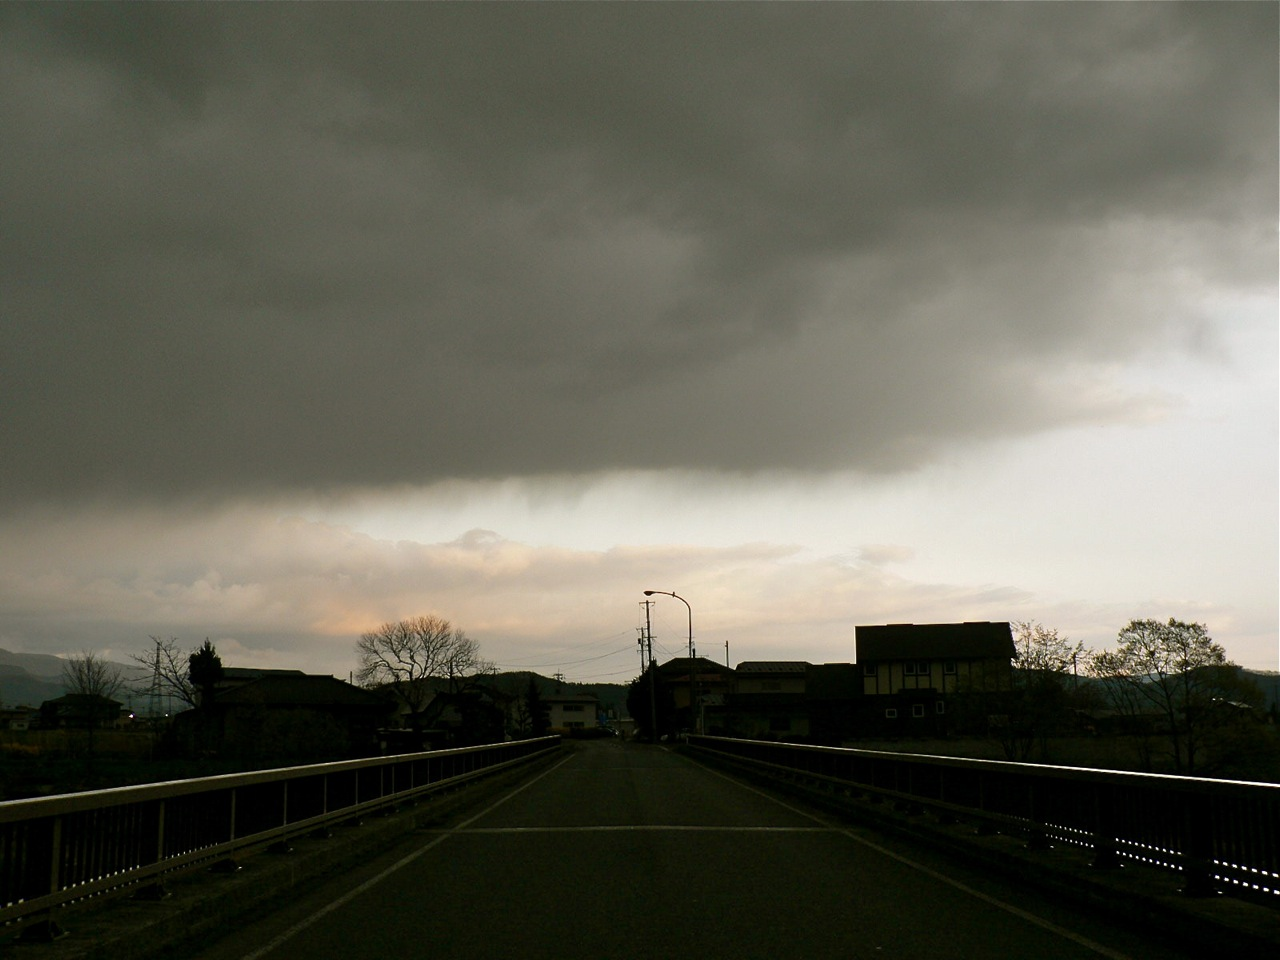 めまぐるしく変わる空模様を追ってみた_d0001843_19495532.jpg